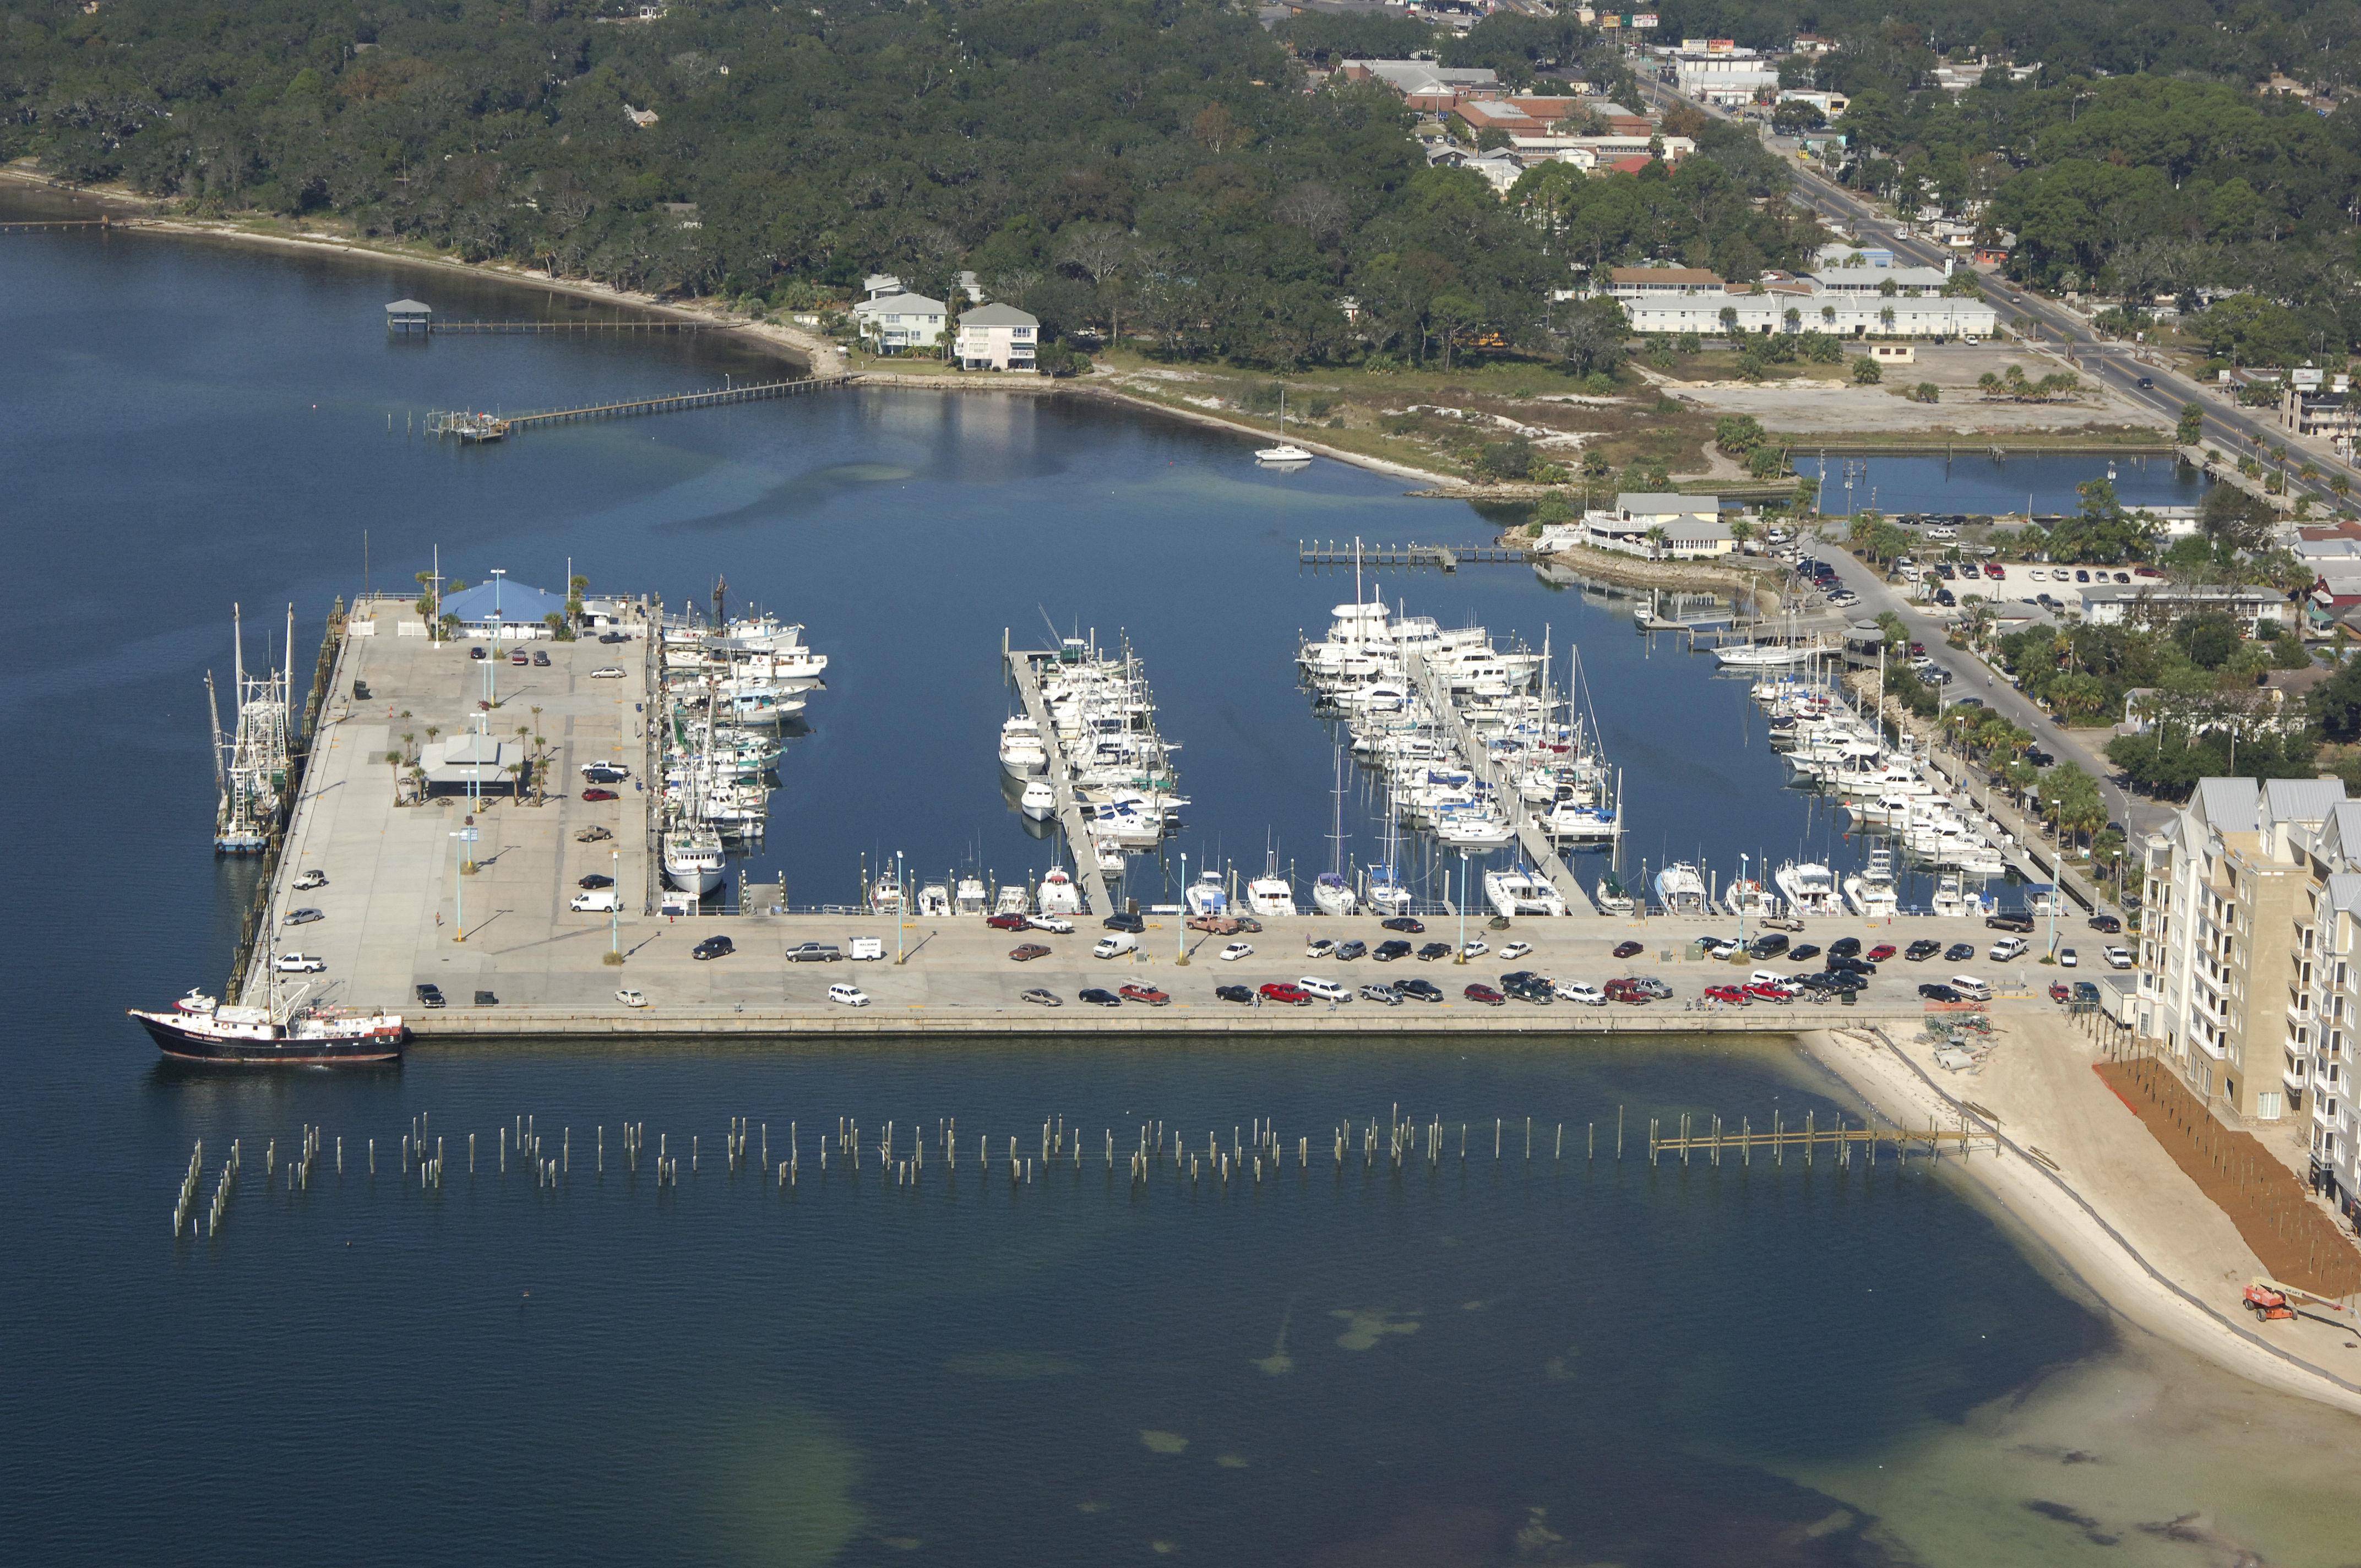 St Andrews Marina Panama City Beach